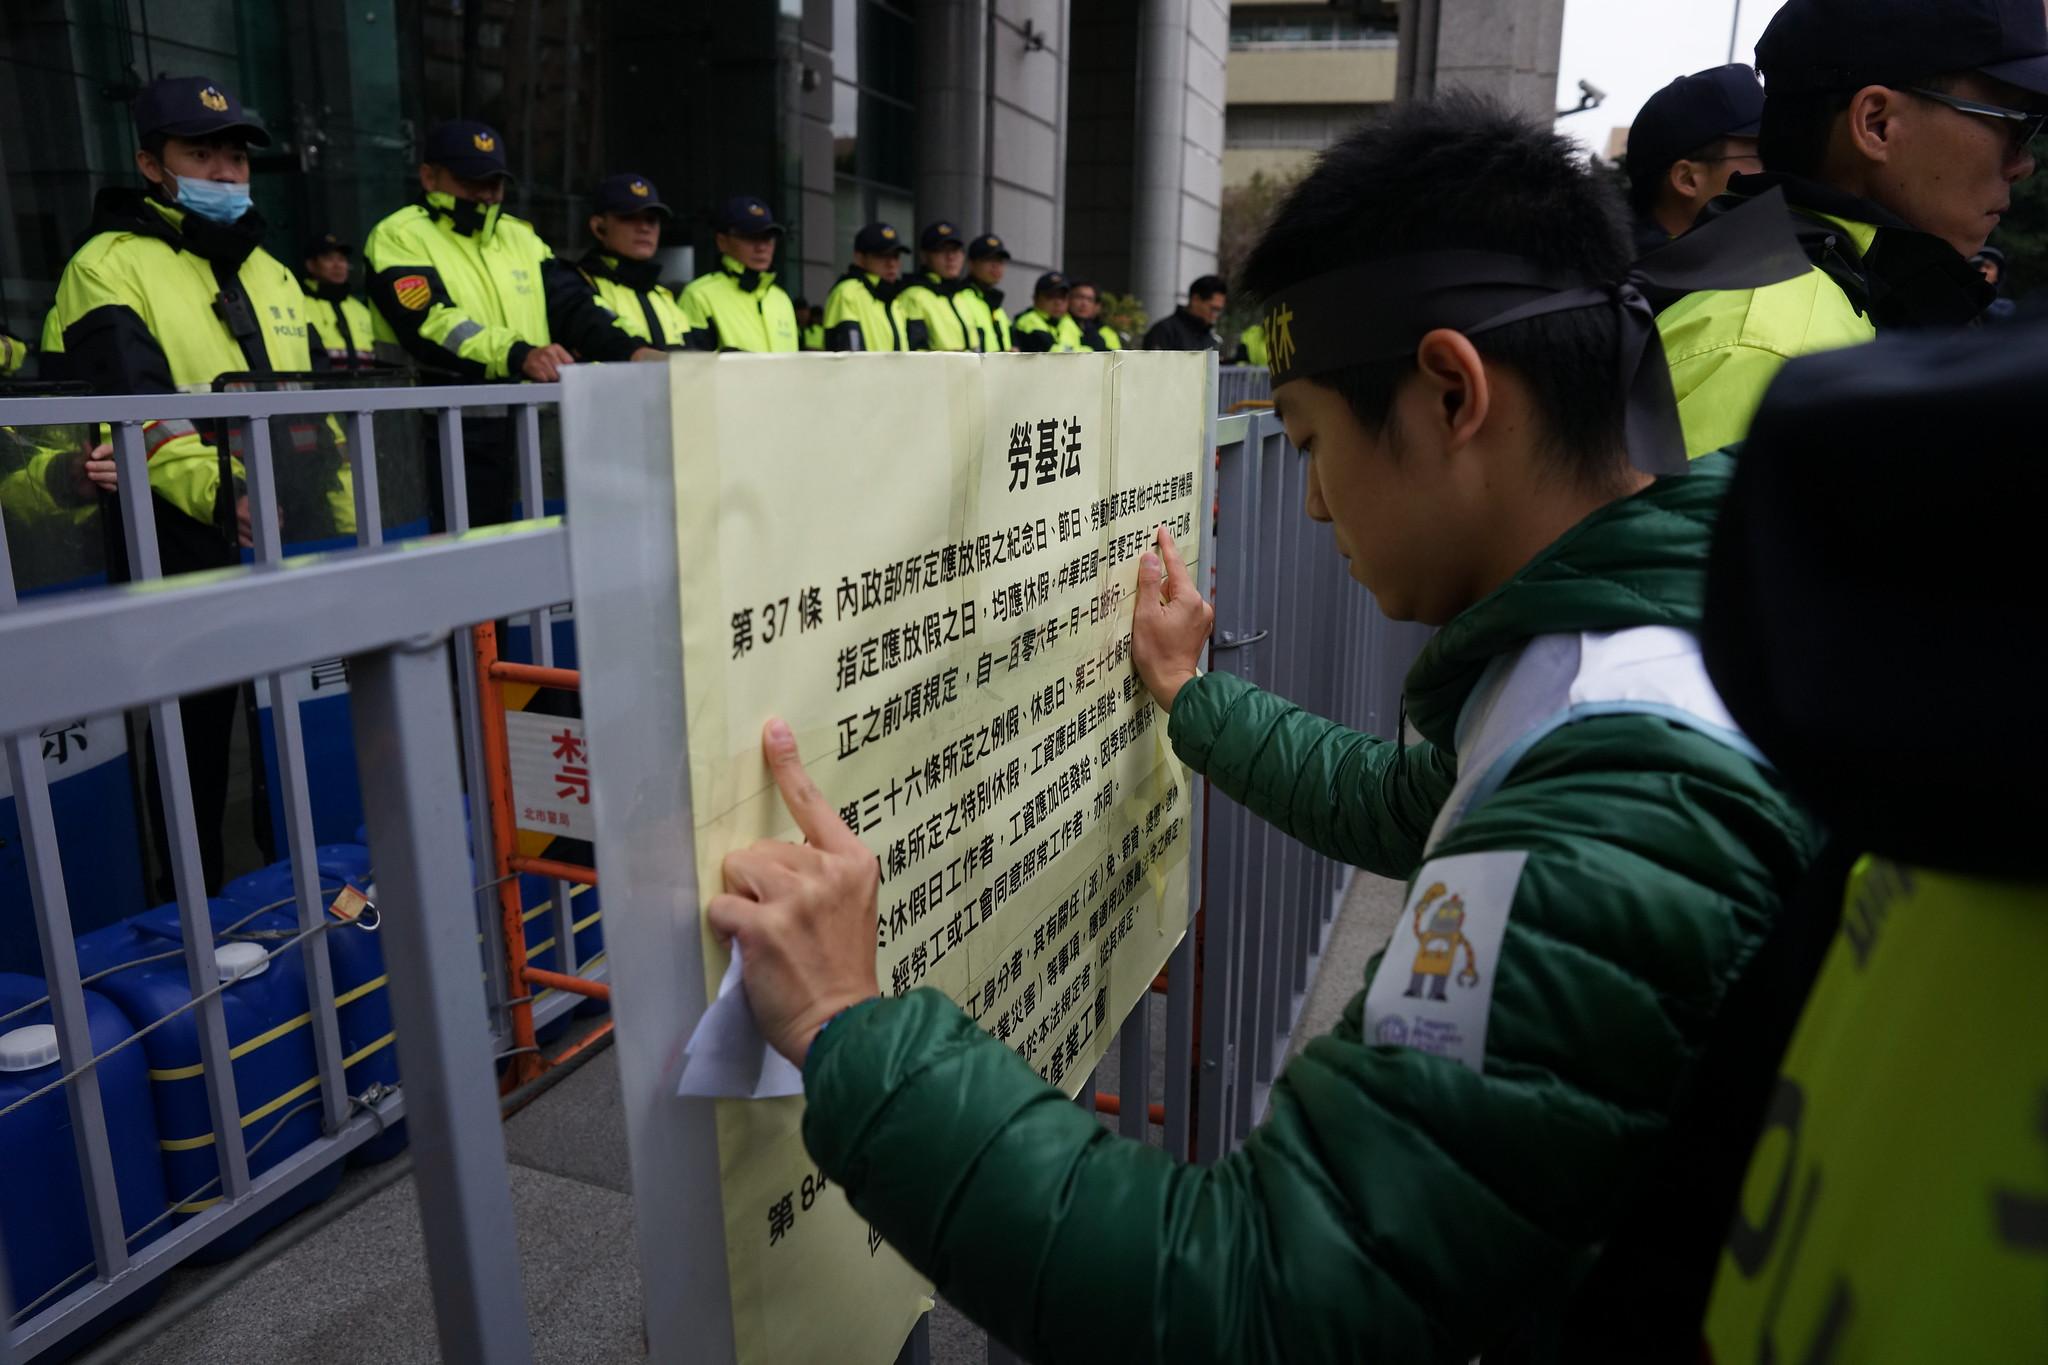 工会将《劳基法》相关规范张贴在交通部前。(摄影:王颢中)